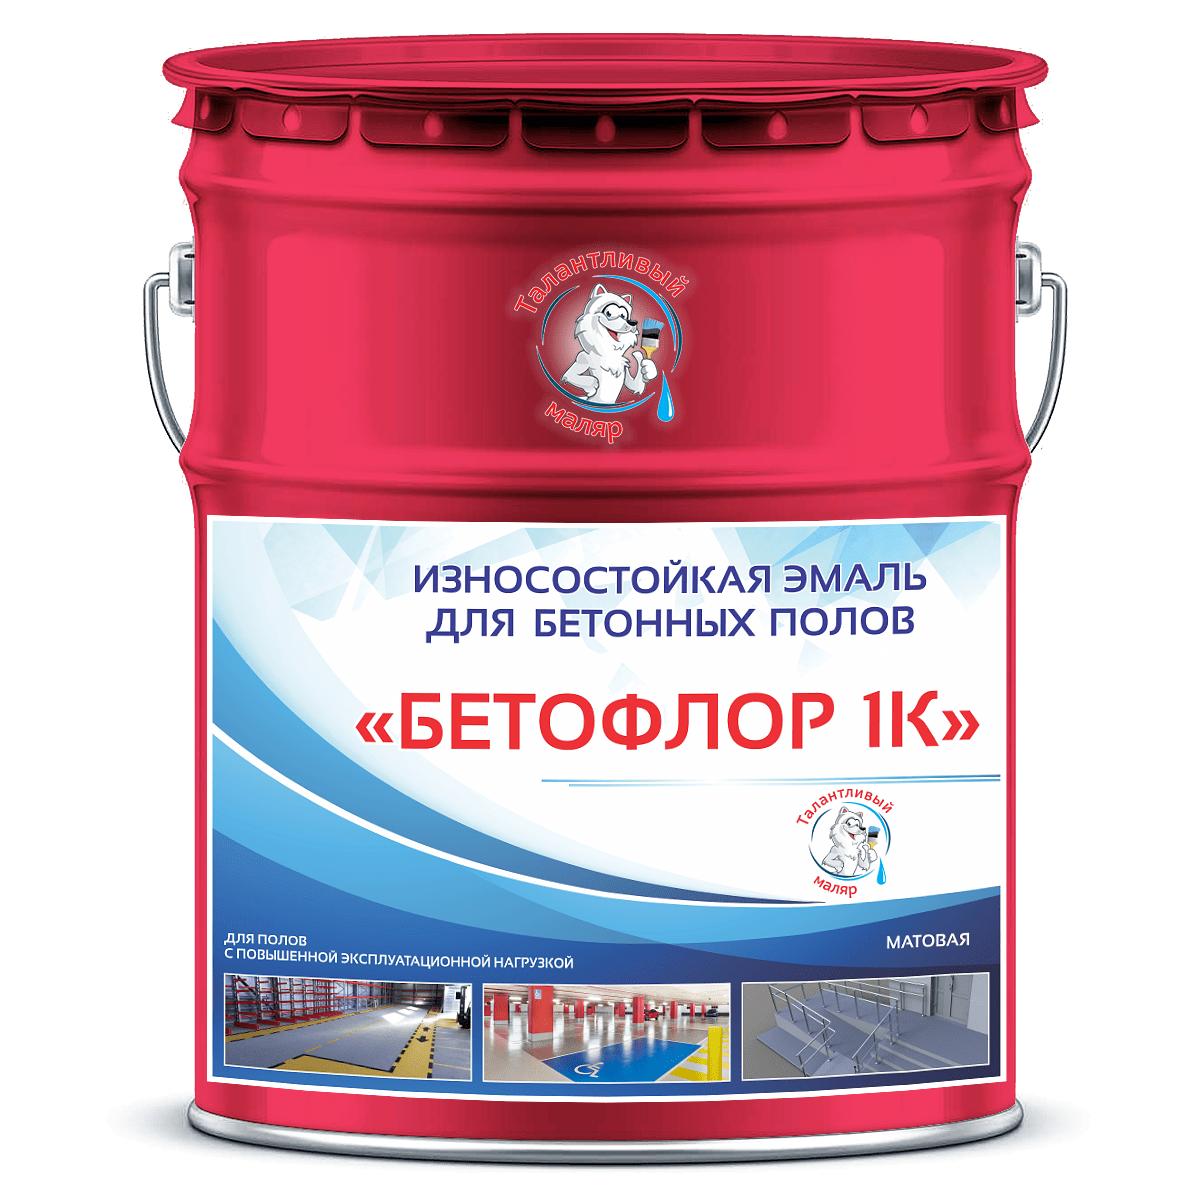 """Фото 10 - BF3027 Эмаль для бетонных полов """"Бетофлор"""" 1К цвет RAL 3027 Малиново-красный, матовая износостойкая, 25 кг """"Талантливый Маляр""""."""